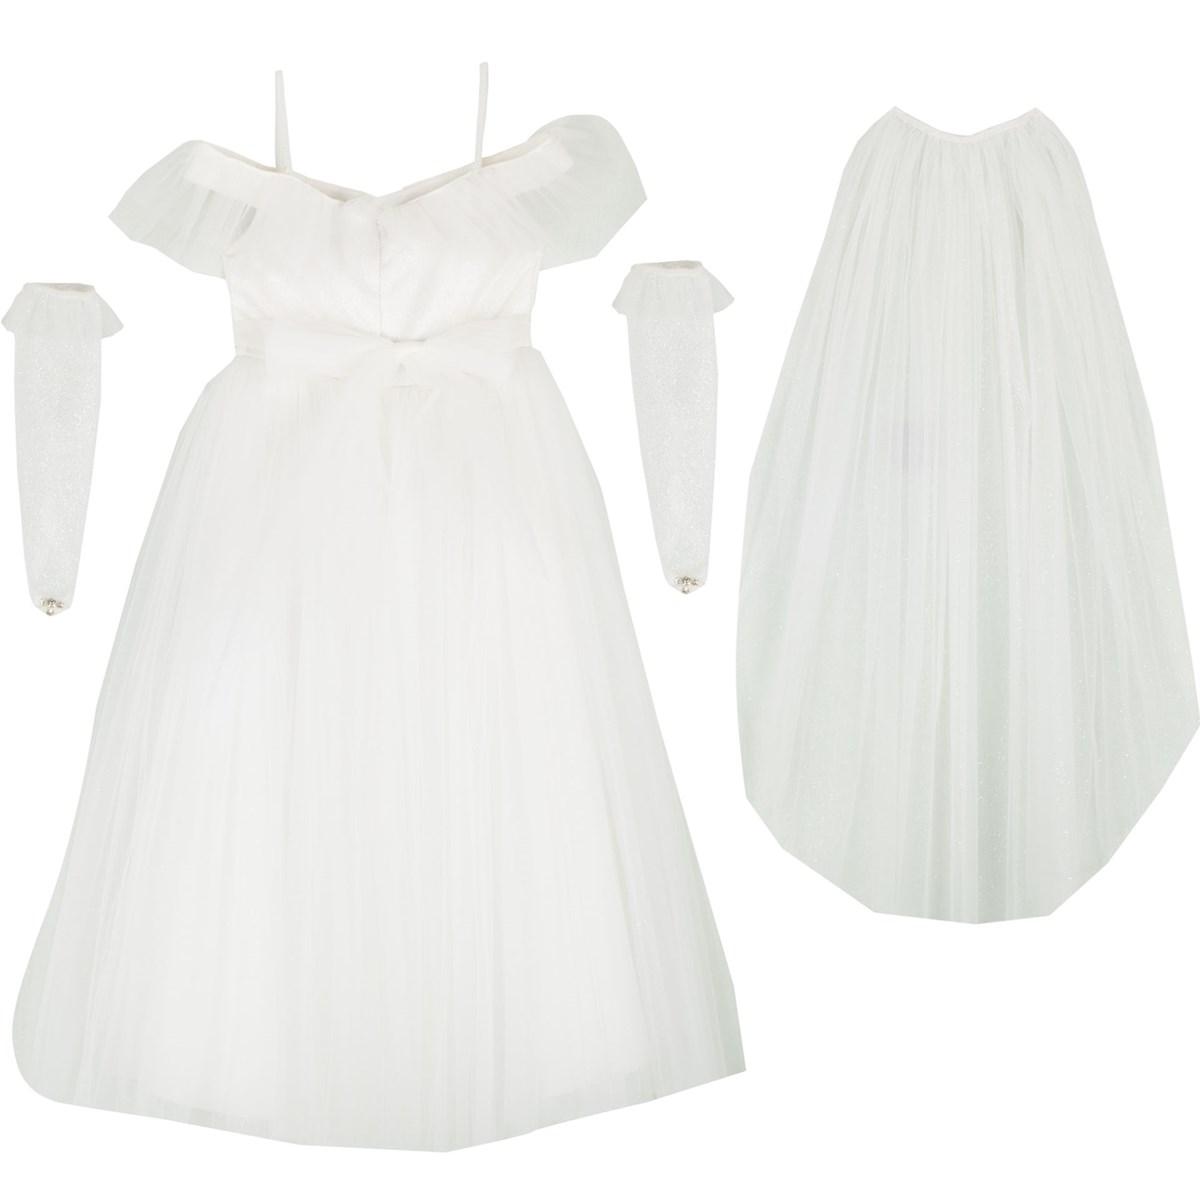 9352 Beyaz Kostüm 3